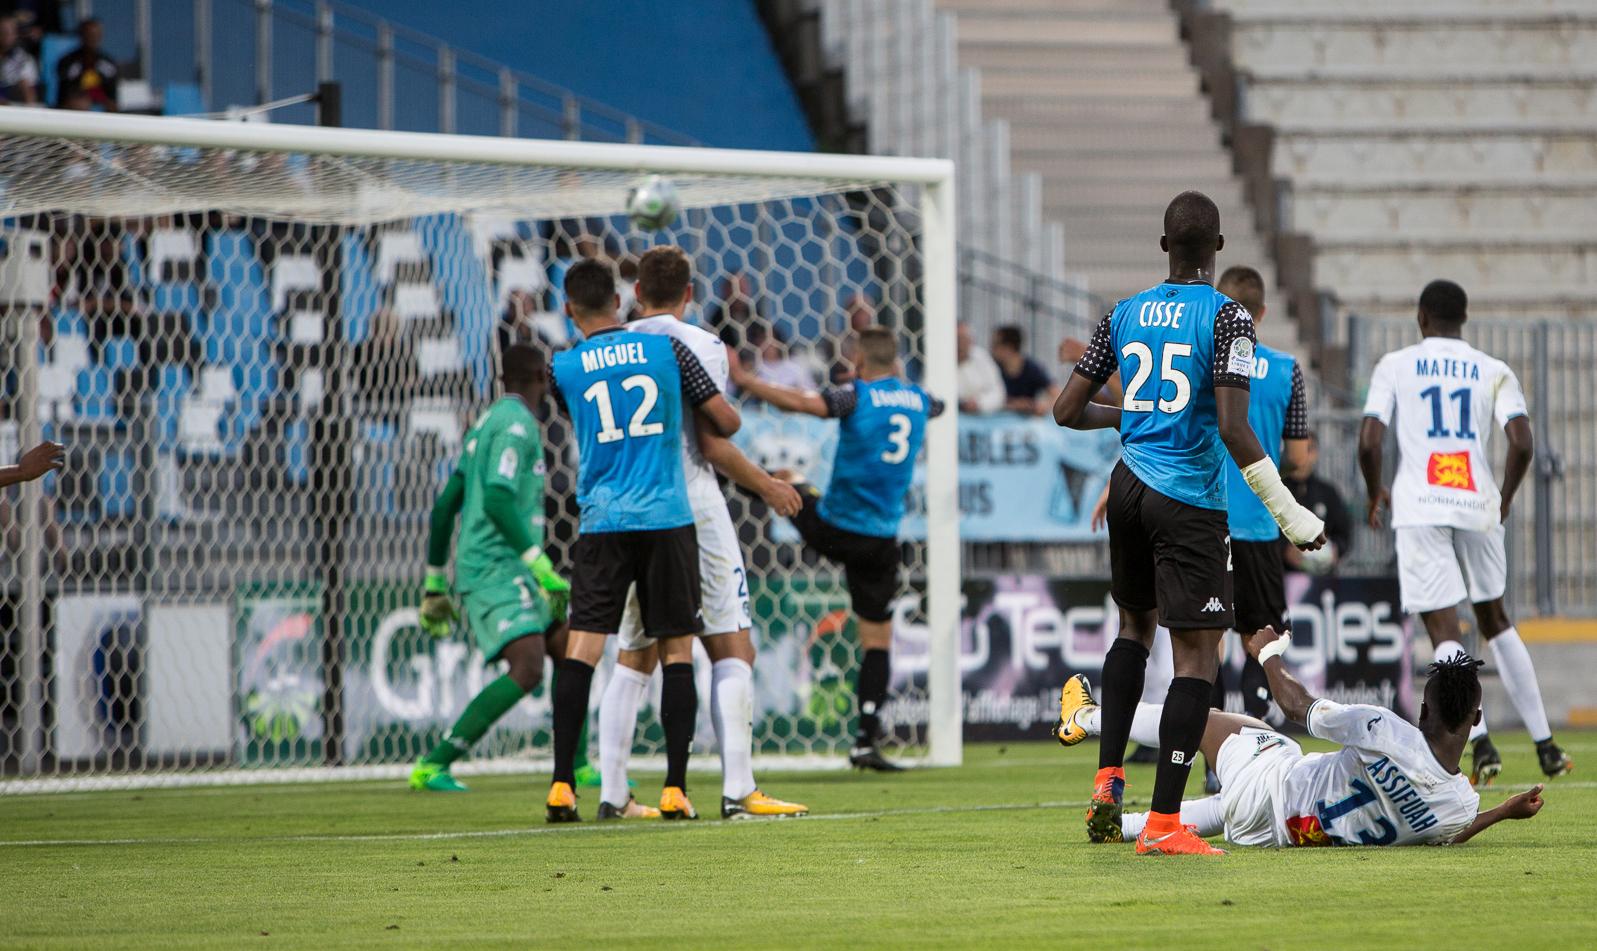 Ligue 2, Le Havre-Red Star 21 gennaio: obiettivi diversi per queste due compagini